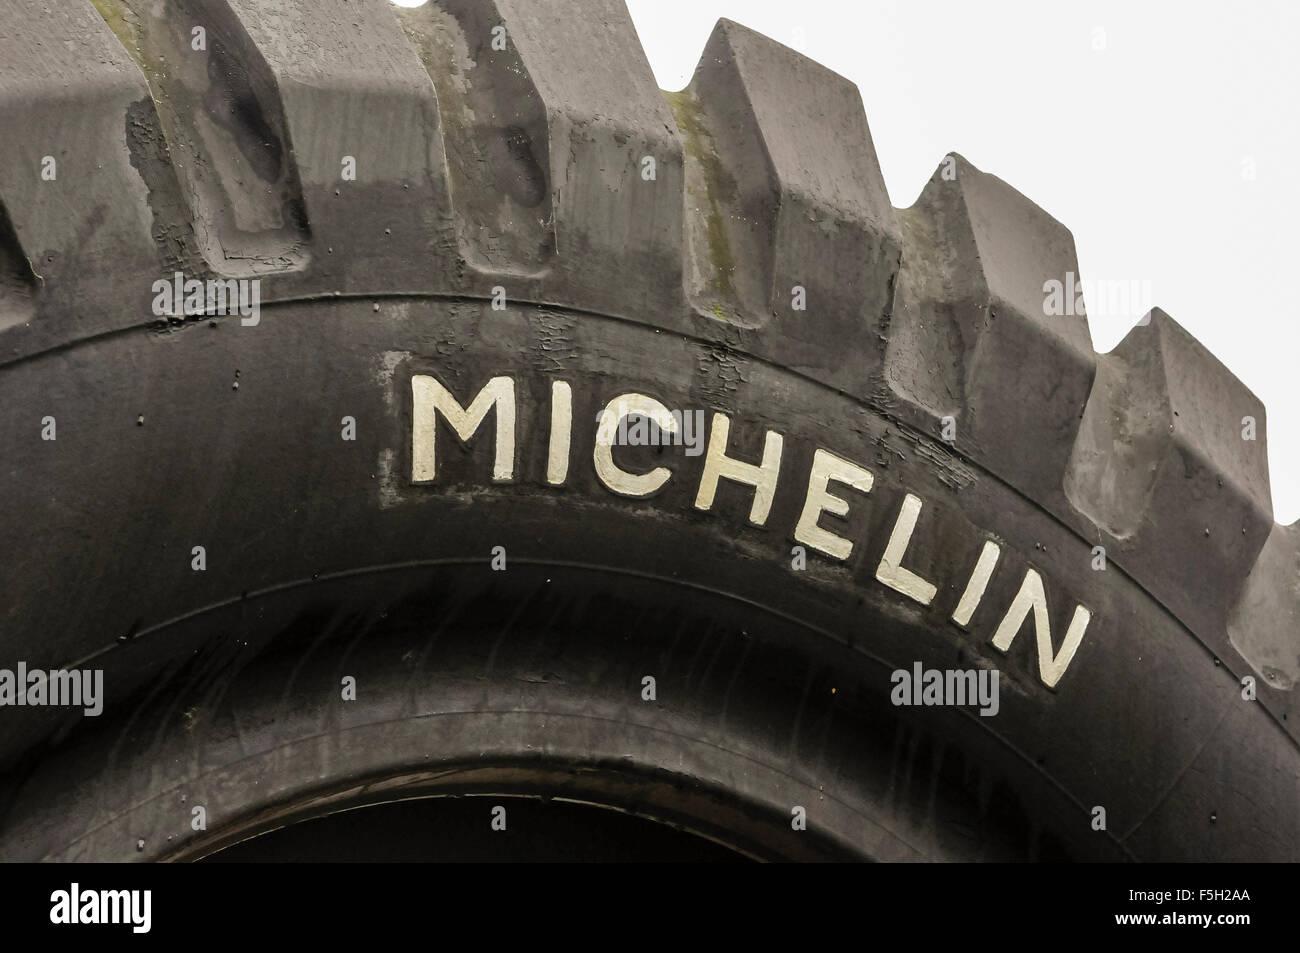 Los neumáticos Michelin para camiones grandes con nombre de marca en el lado Foto de stock